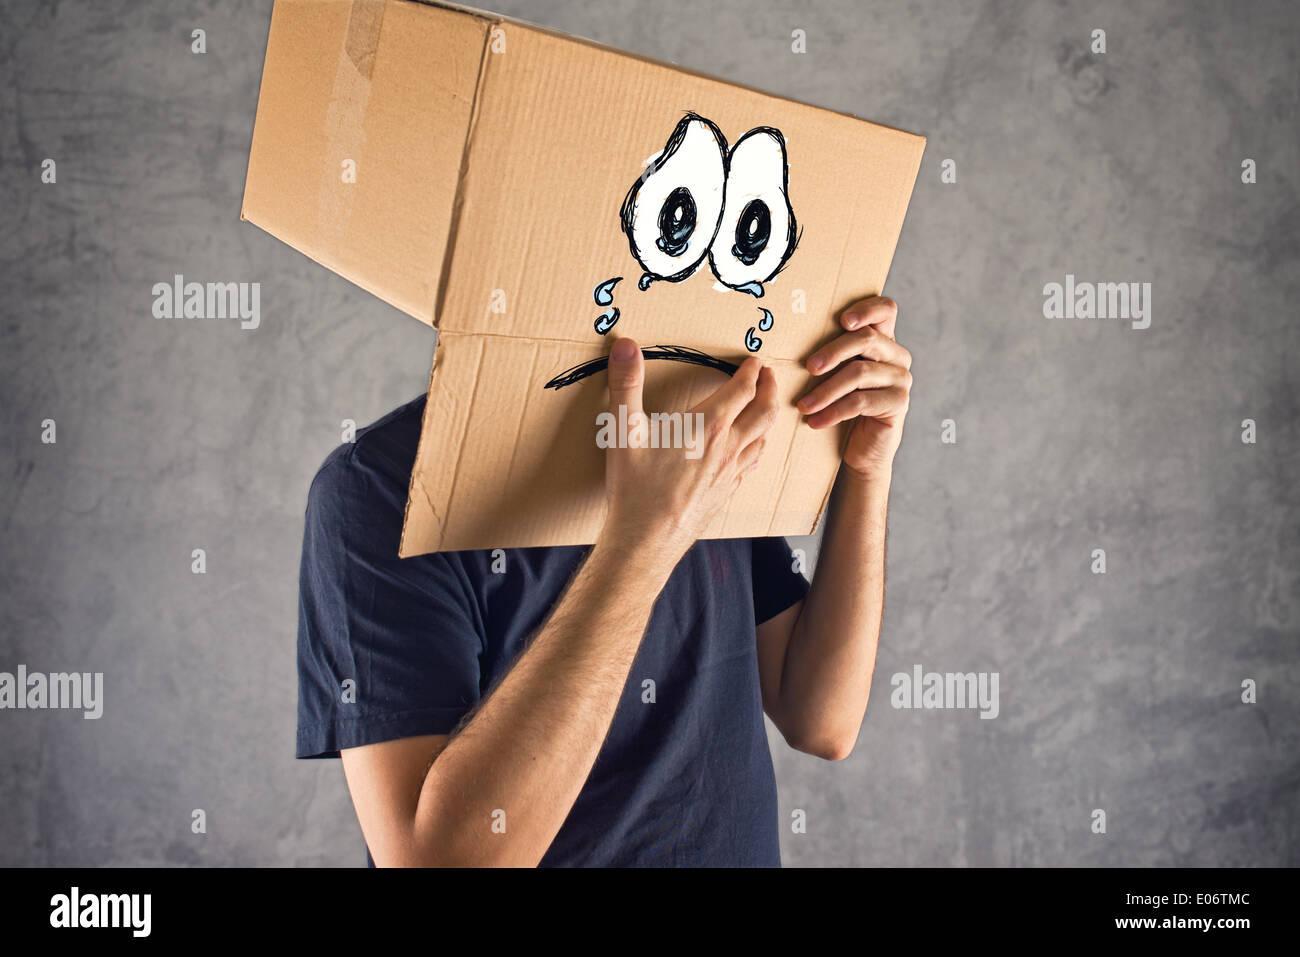 Hombre con caja de cartón en su cabeza y su Cara llorosa Triste expresión. Concepto de tristeza y depresión. Imagen De Stock